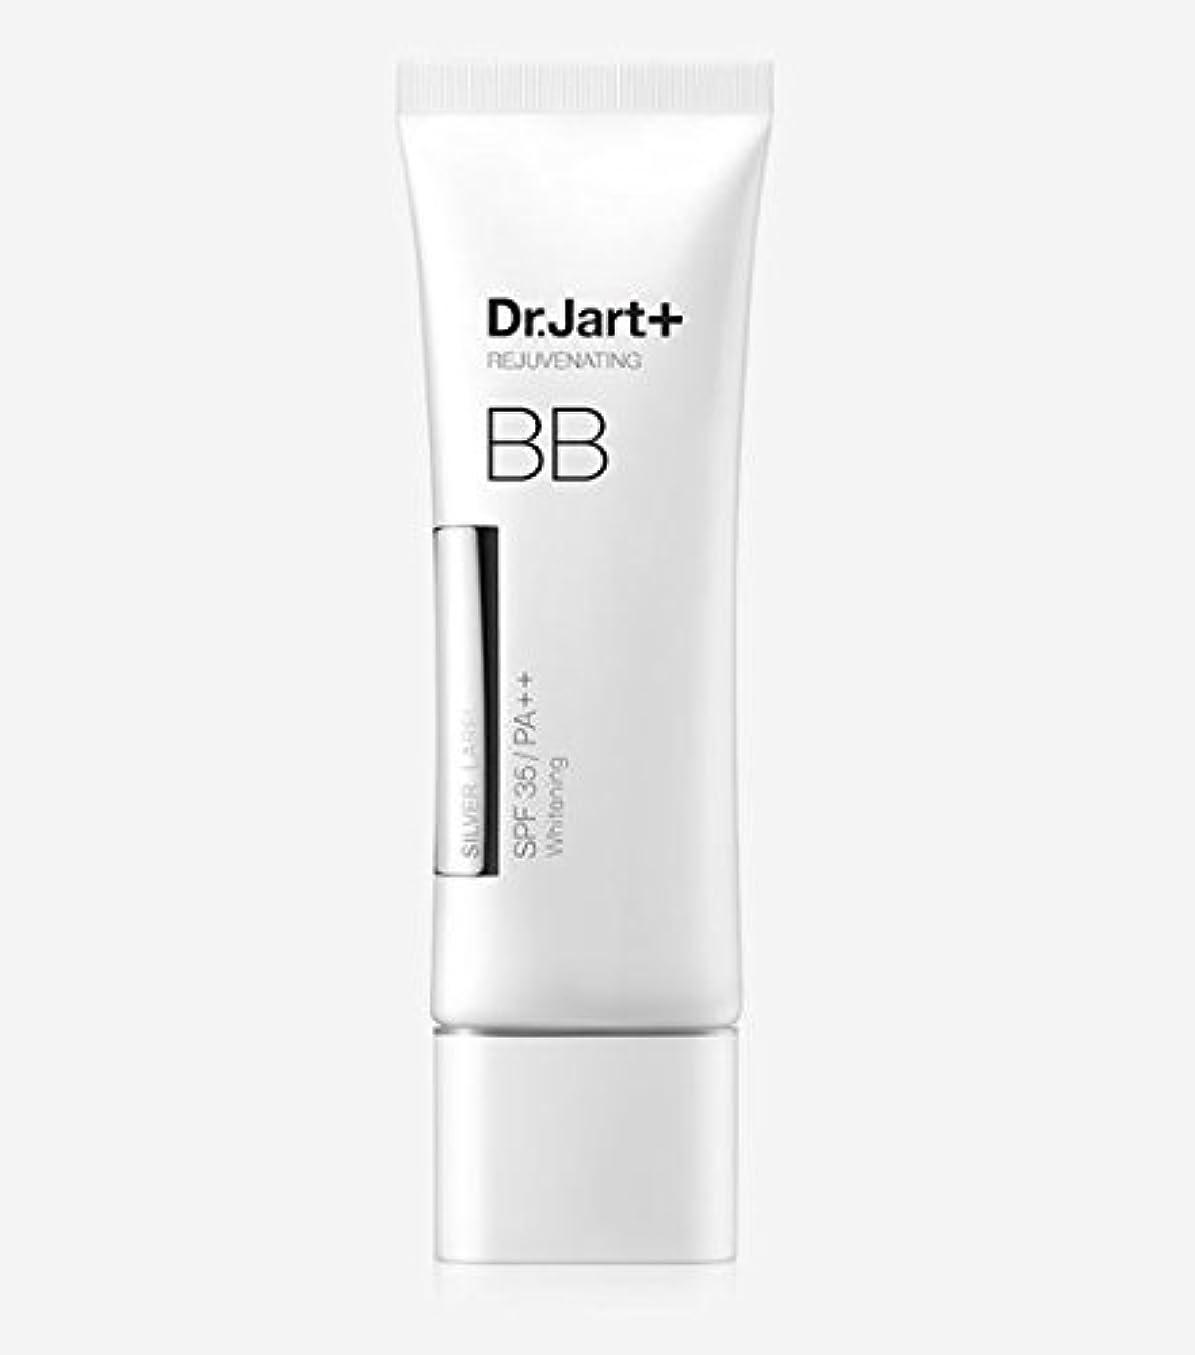 豆障害振り返る[Dr. Jart] Silver Label BB Rejuvenating Beauty Balm 50ml SPF35 PA++/[ドクタージャルト] シルバーラベル BB リジュビネイティング ビューティー バーム 50ml SPF35 PA++ [並行輸入品]